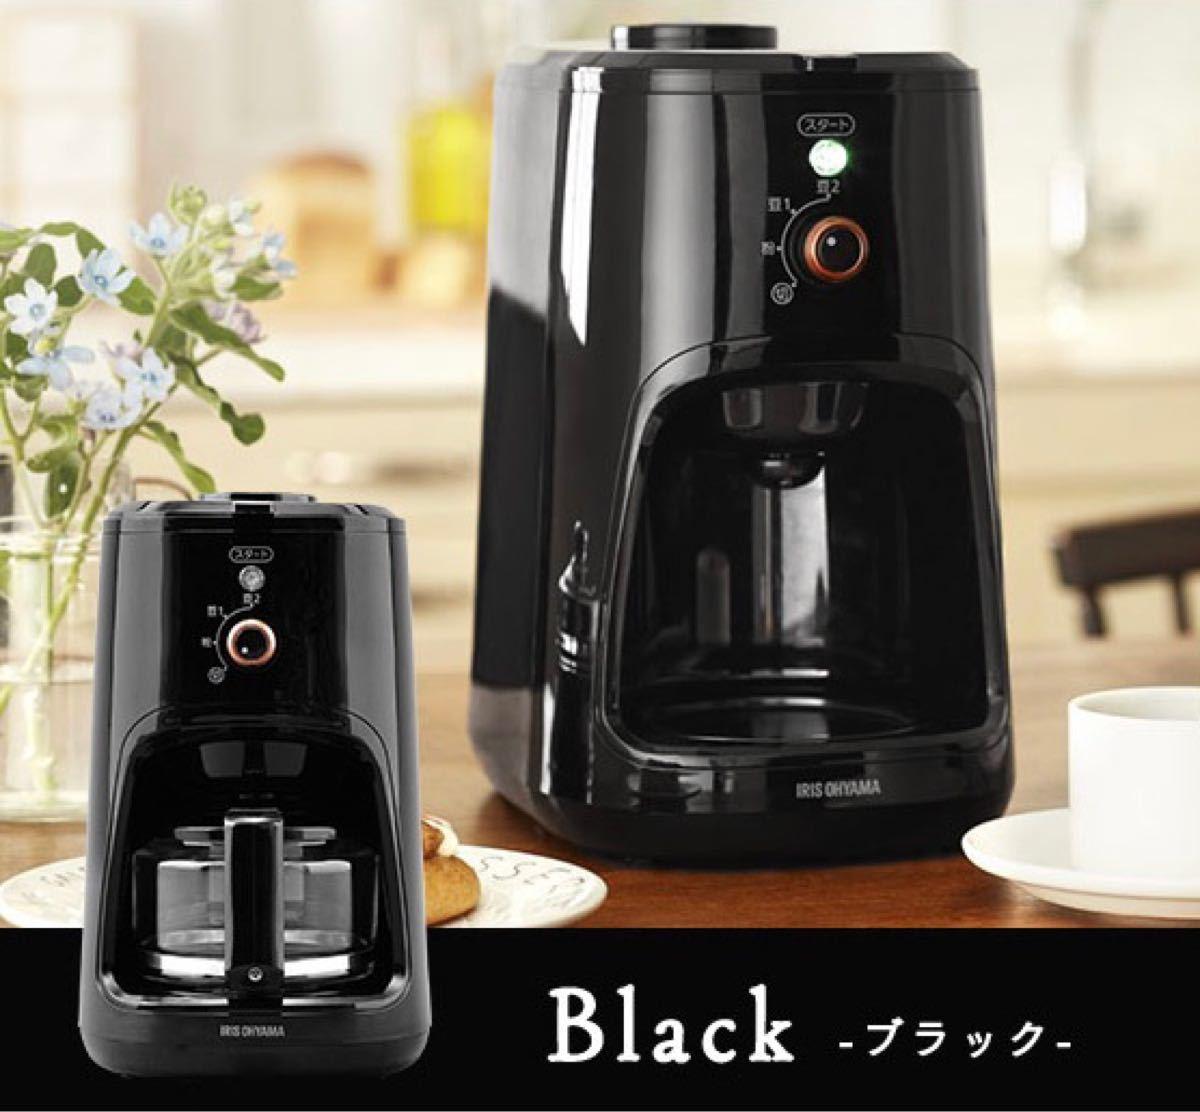 アイリスオーヤマ 全自動 コーヒーメーカー ブラック BLIAC-A600-B 取扱説明書・保証書付